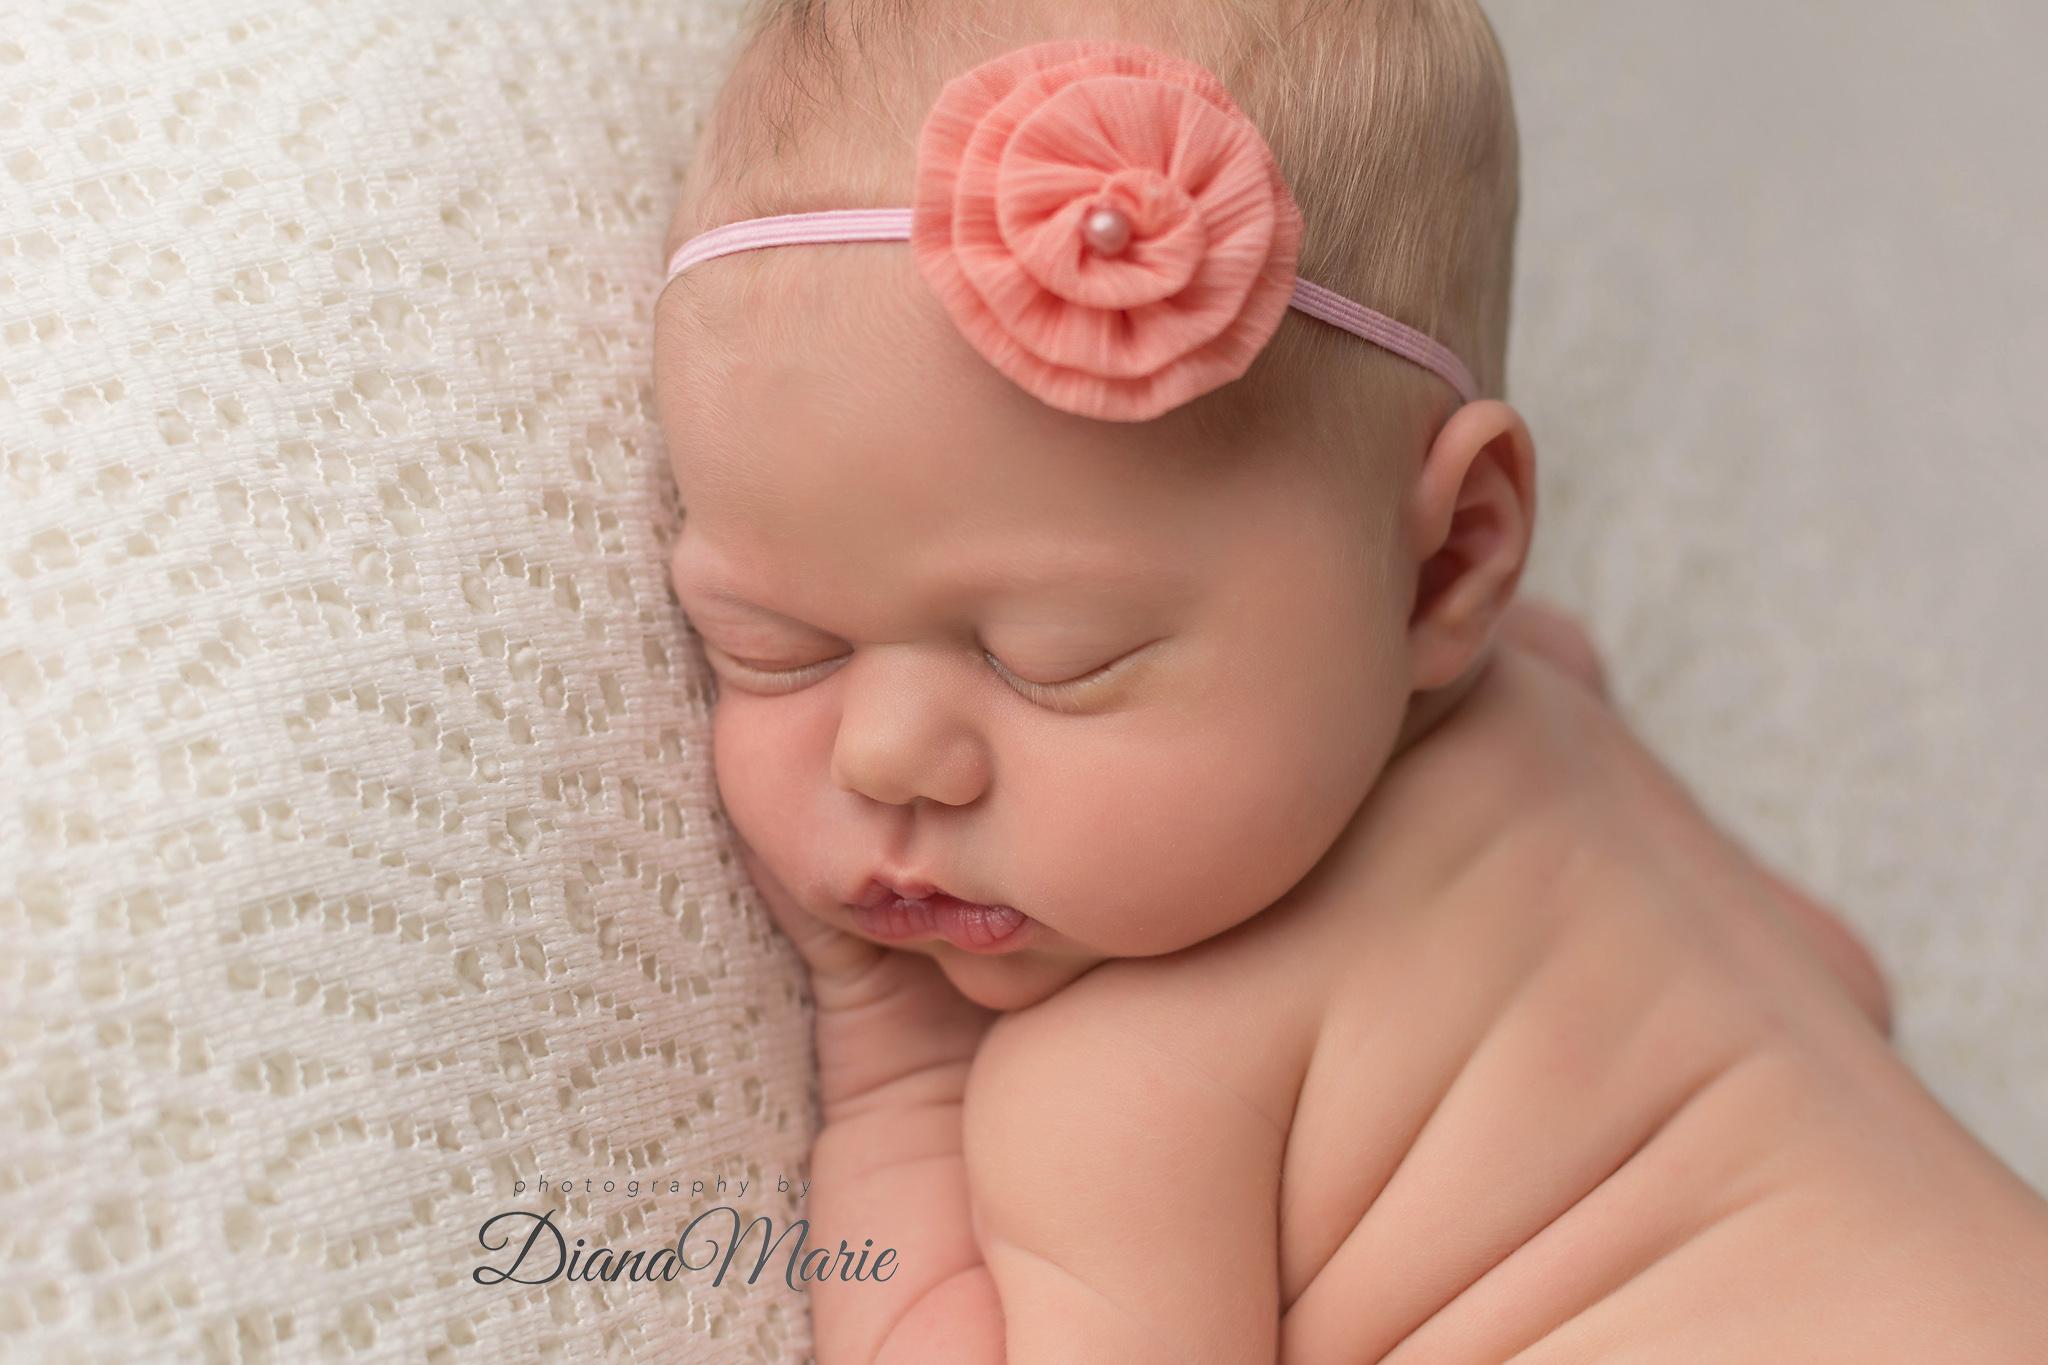 Titling/Alt Text/Description: 1. Jacksonville 2. Jacksonville newborn photography 3. newborn photography jacksonville 4. newborn baby 5. newborn and lace 6. St Augustine photographer